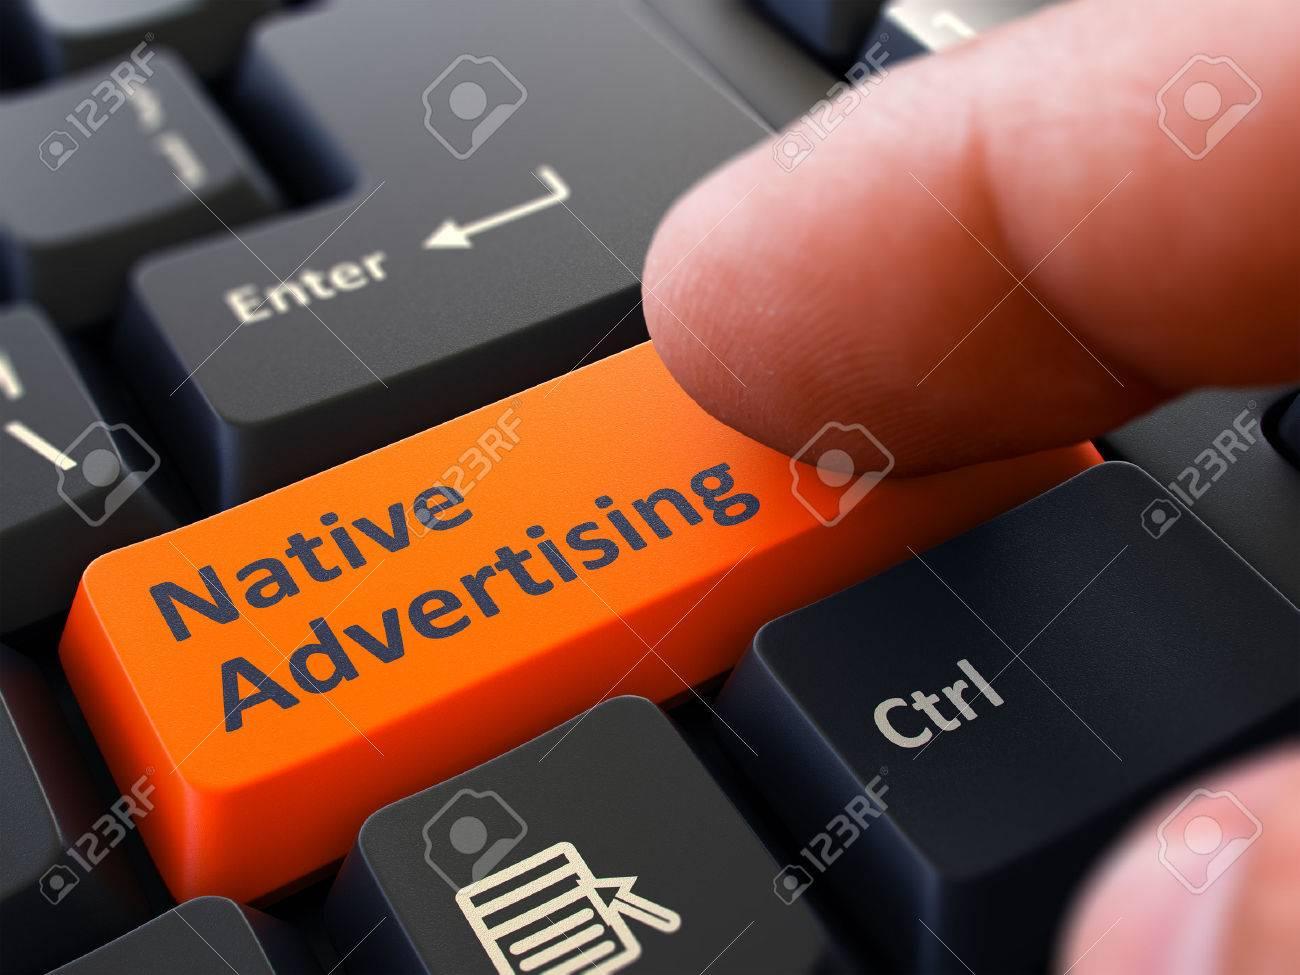 Einheimische Werbung Knopf. Männliche Finger Klicks auf das orange Knopf auf schwarze Tastatur. Nahaufnahme. Unscharfer Hintergrund. Standard-Bild - 45897084